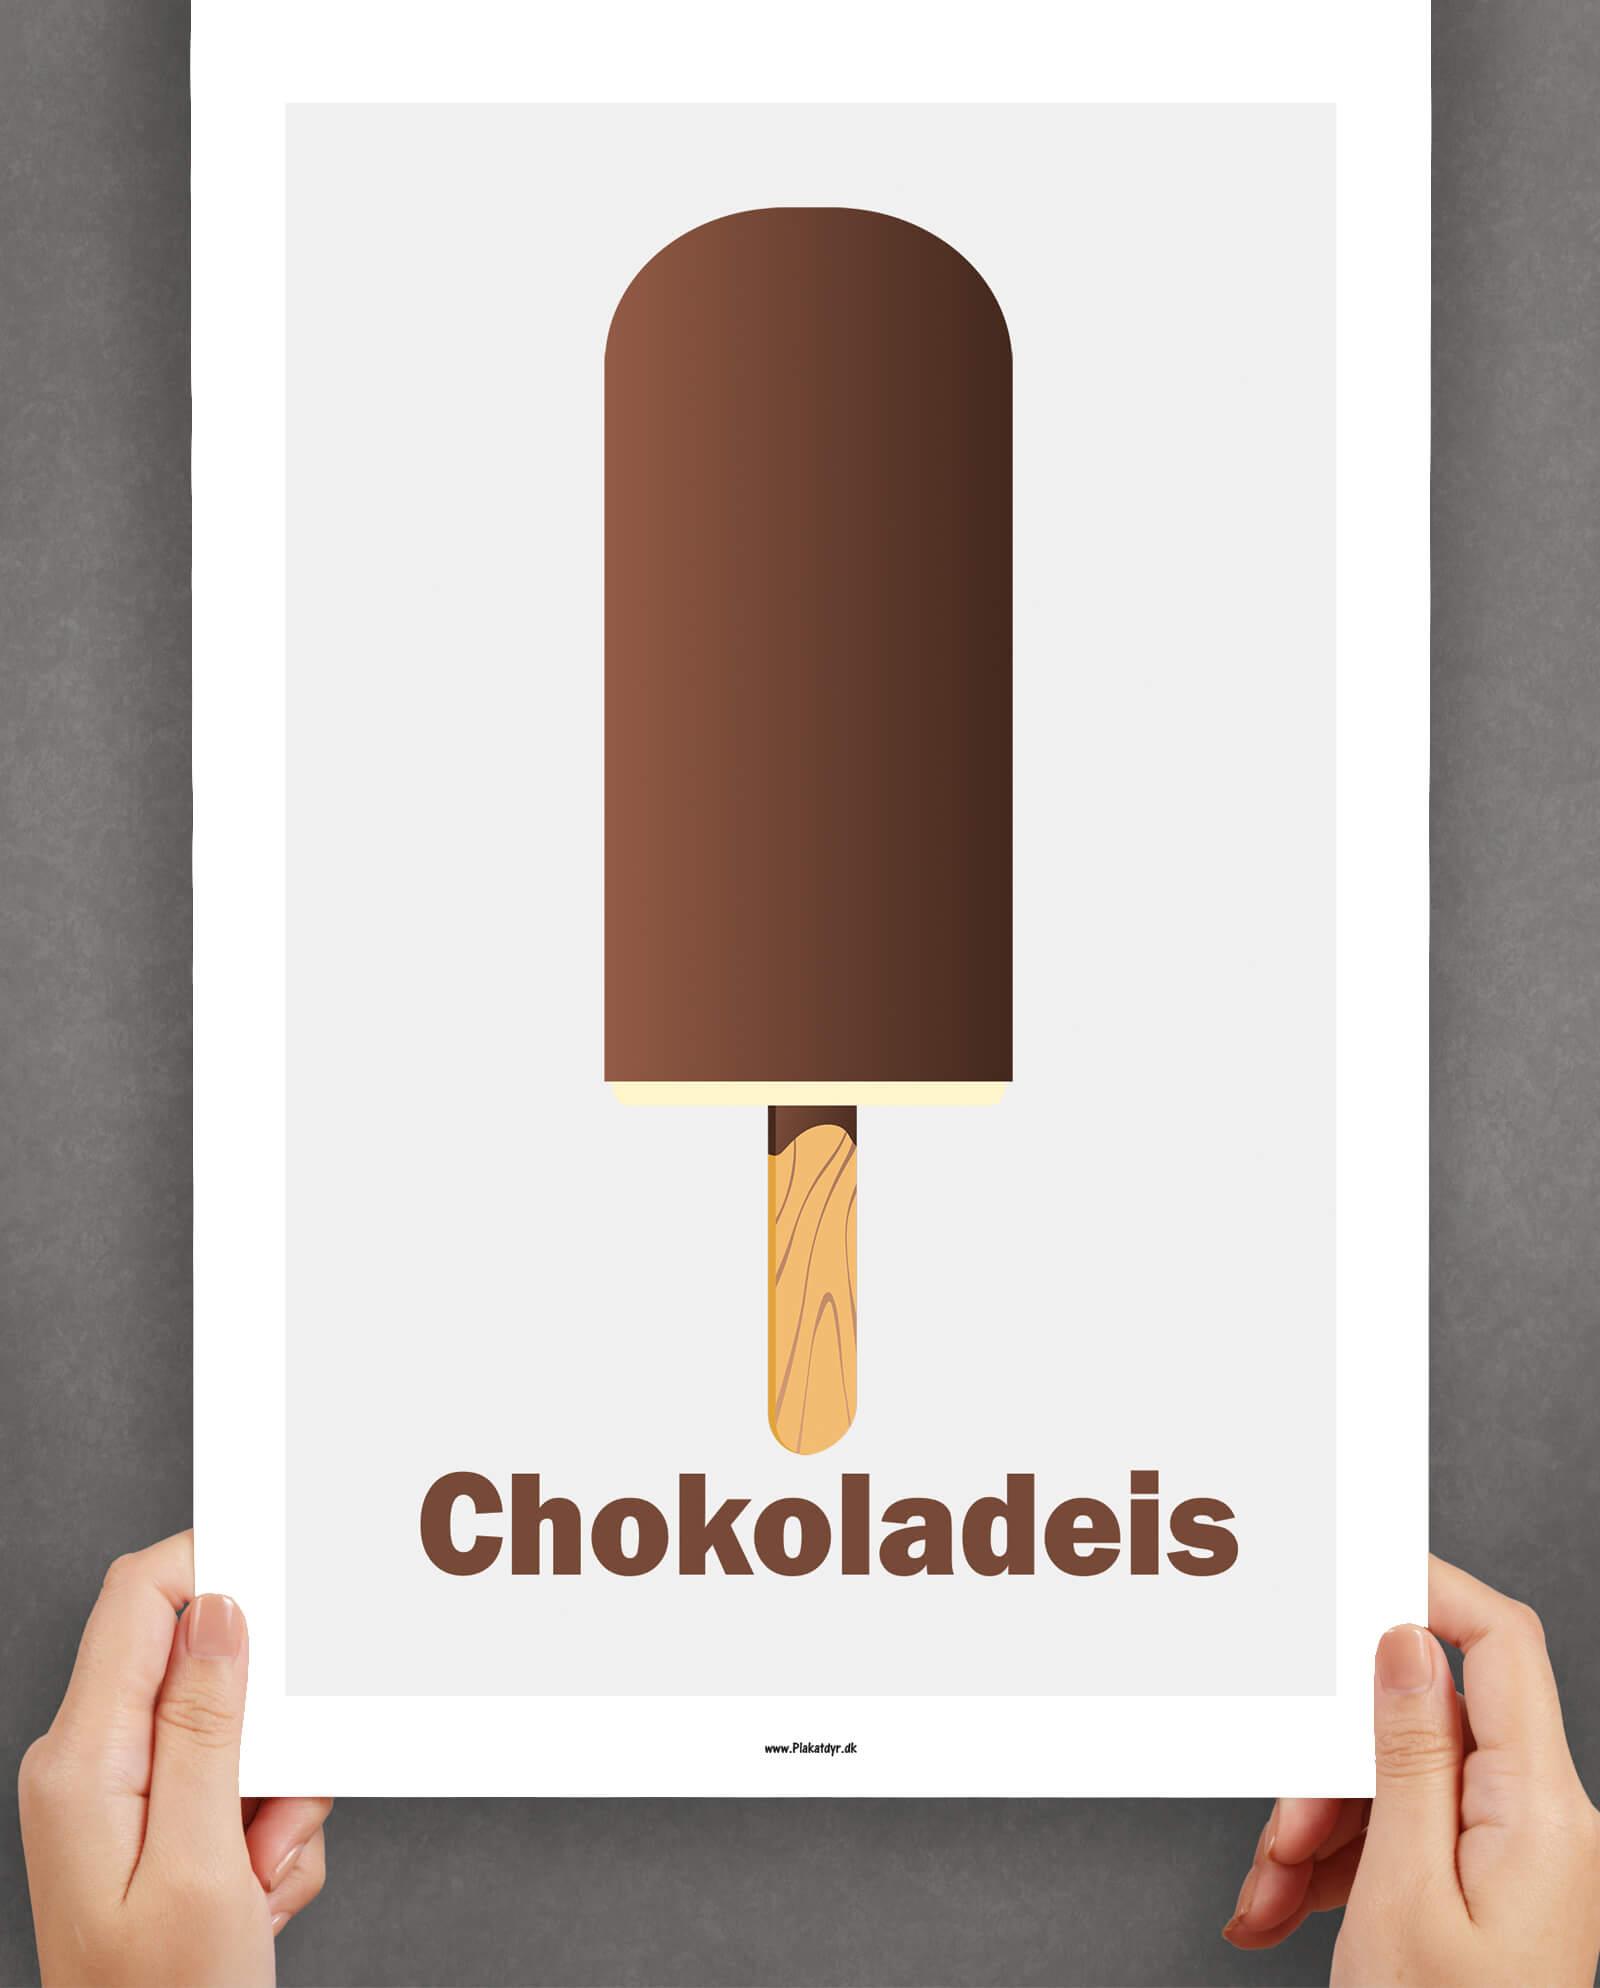 chokolade-is-graa-1